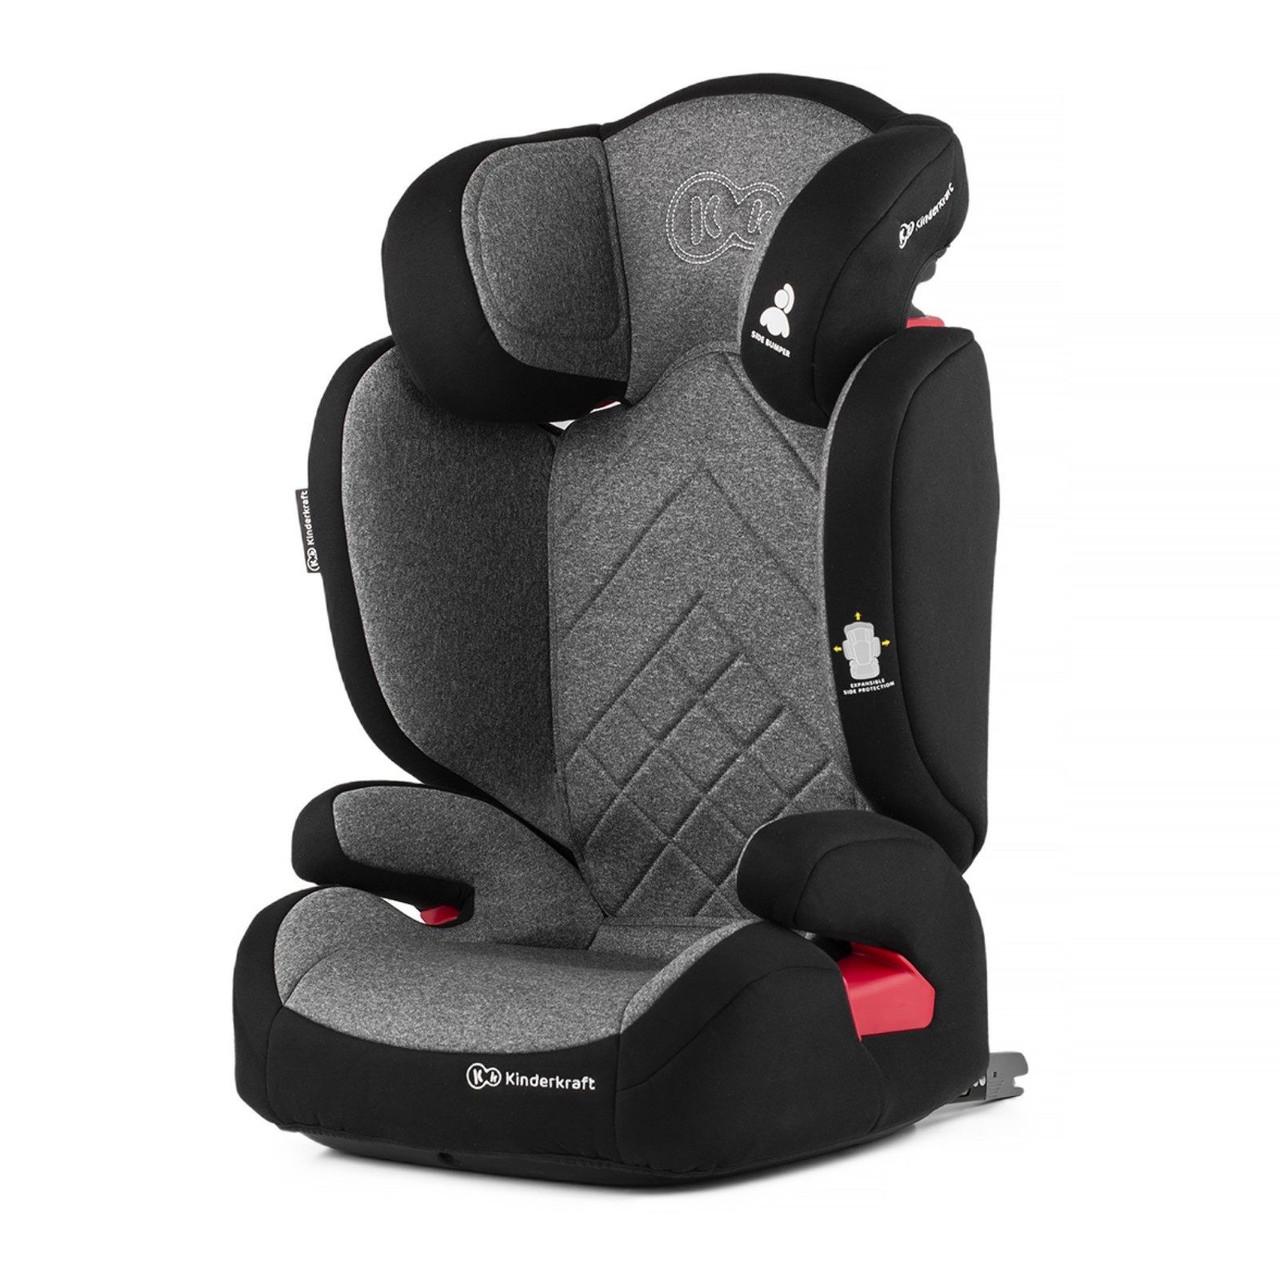 Надежное детское автокресло с подлокотниками Kinderkraft XPAND 15-36 кг grey